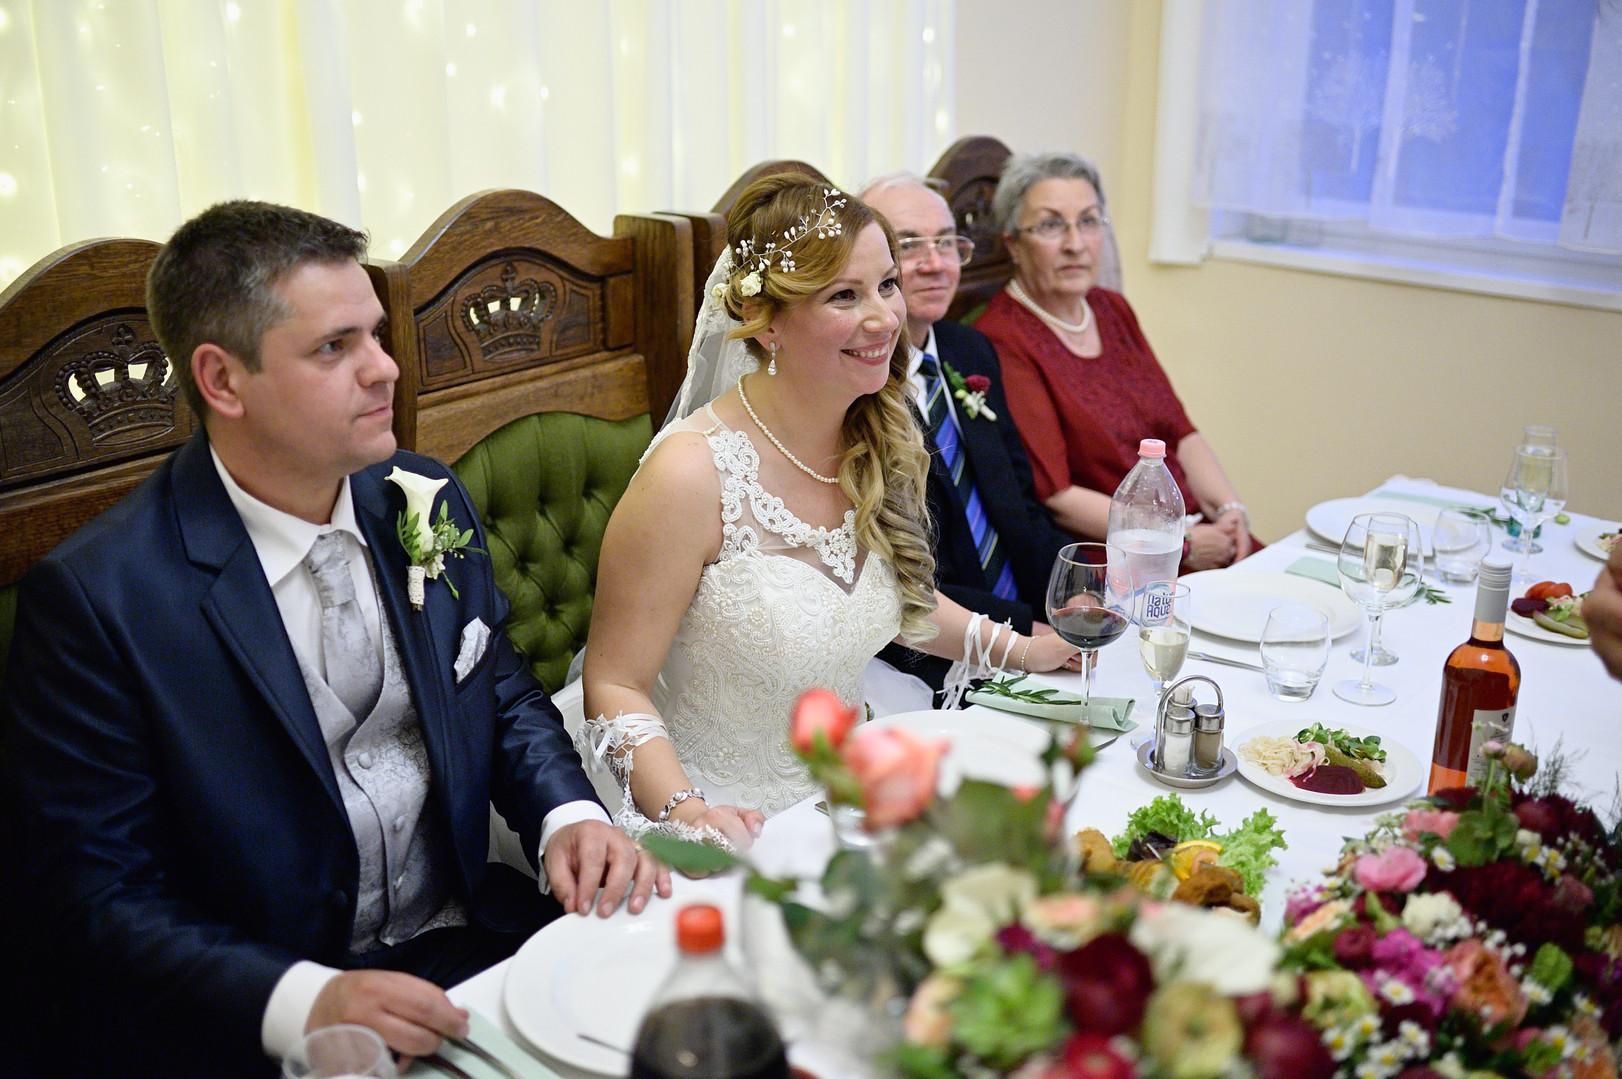 412  Esküvői fotózás - Enikő és Peti Bul